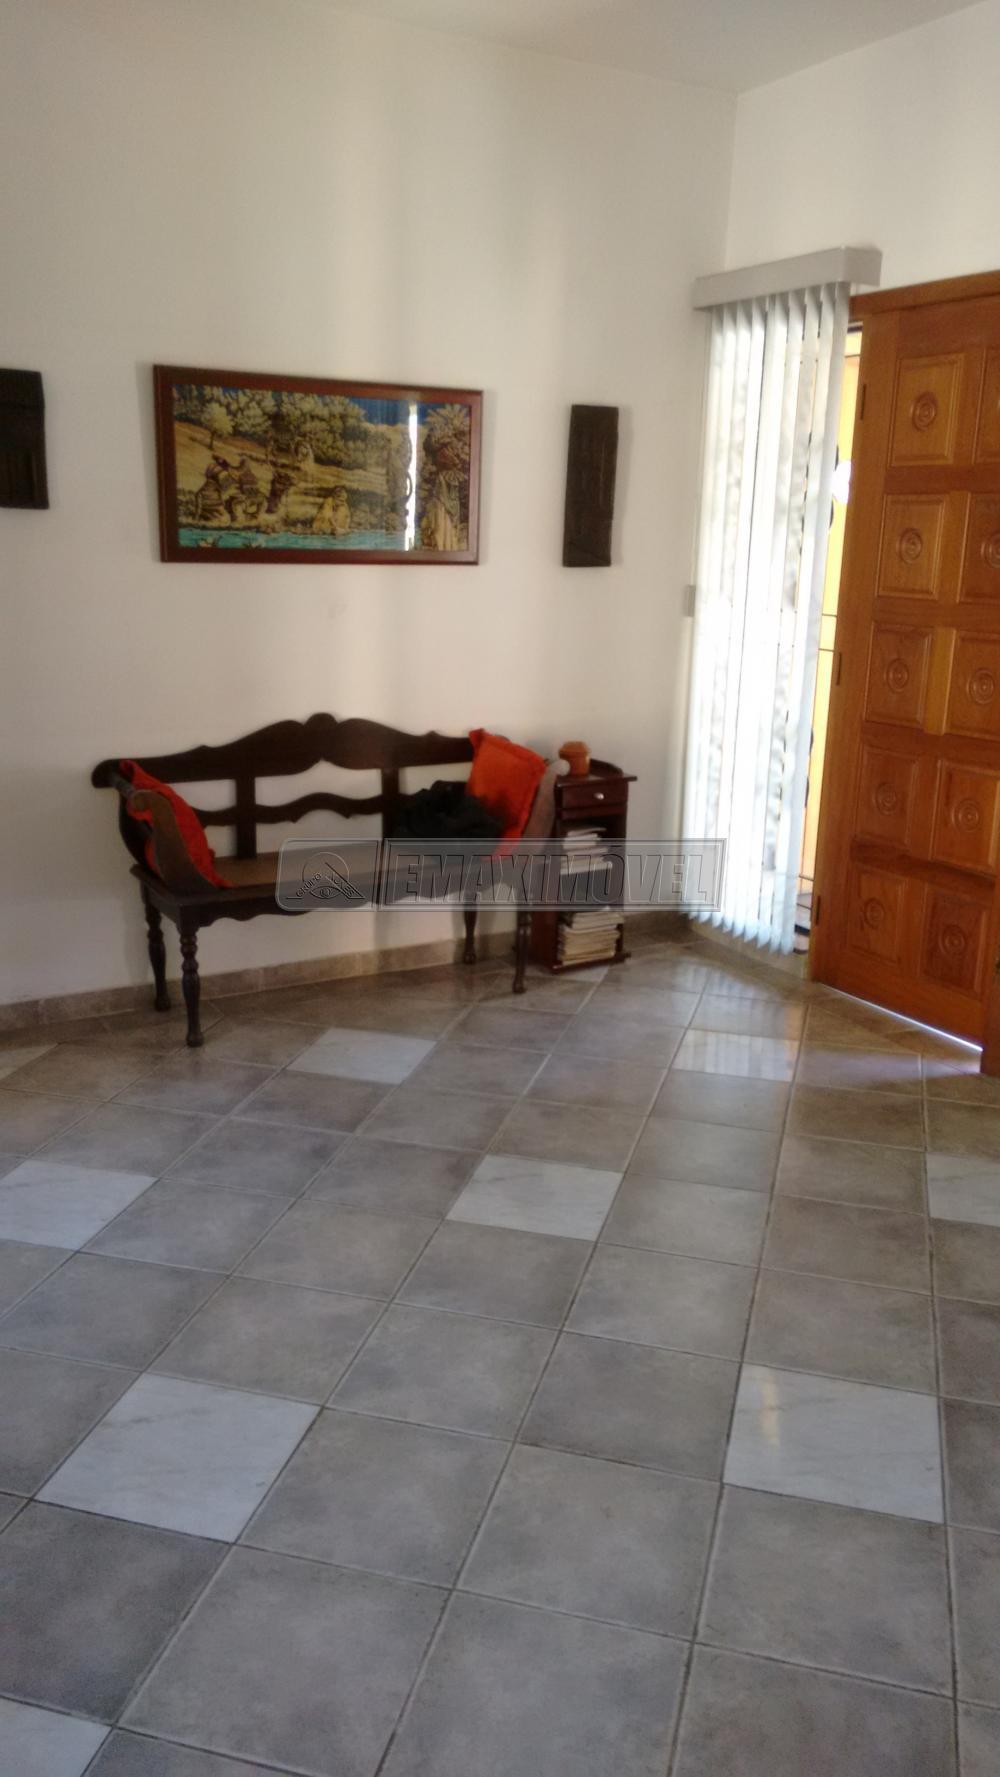 Alugar Chácara / em Bairro em Sorocaba R$ 10.000,00 - Foto 2